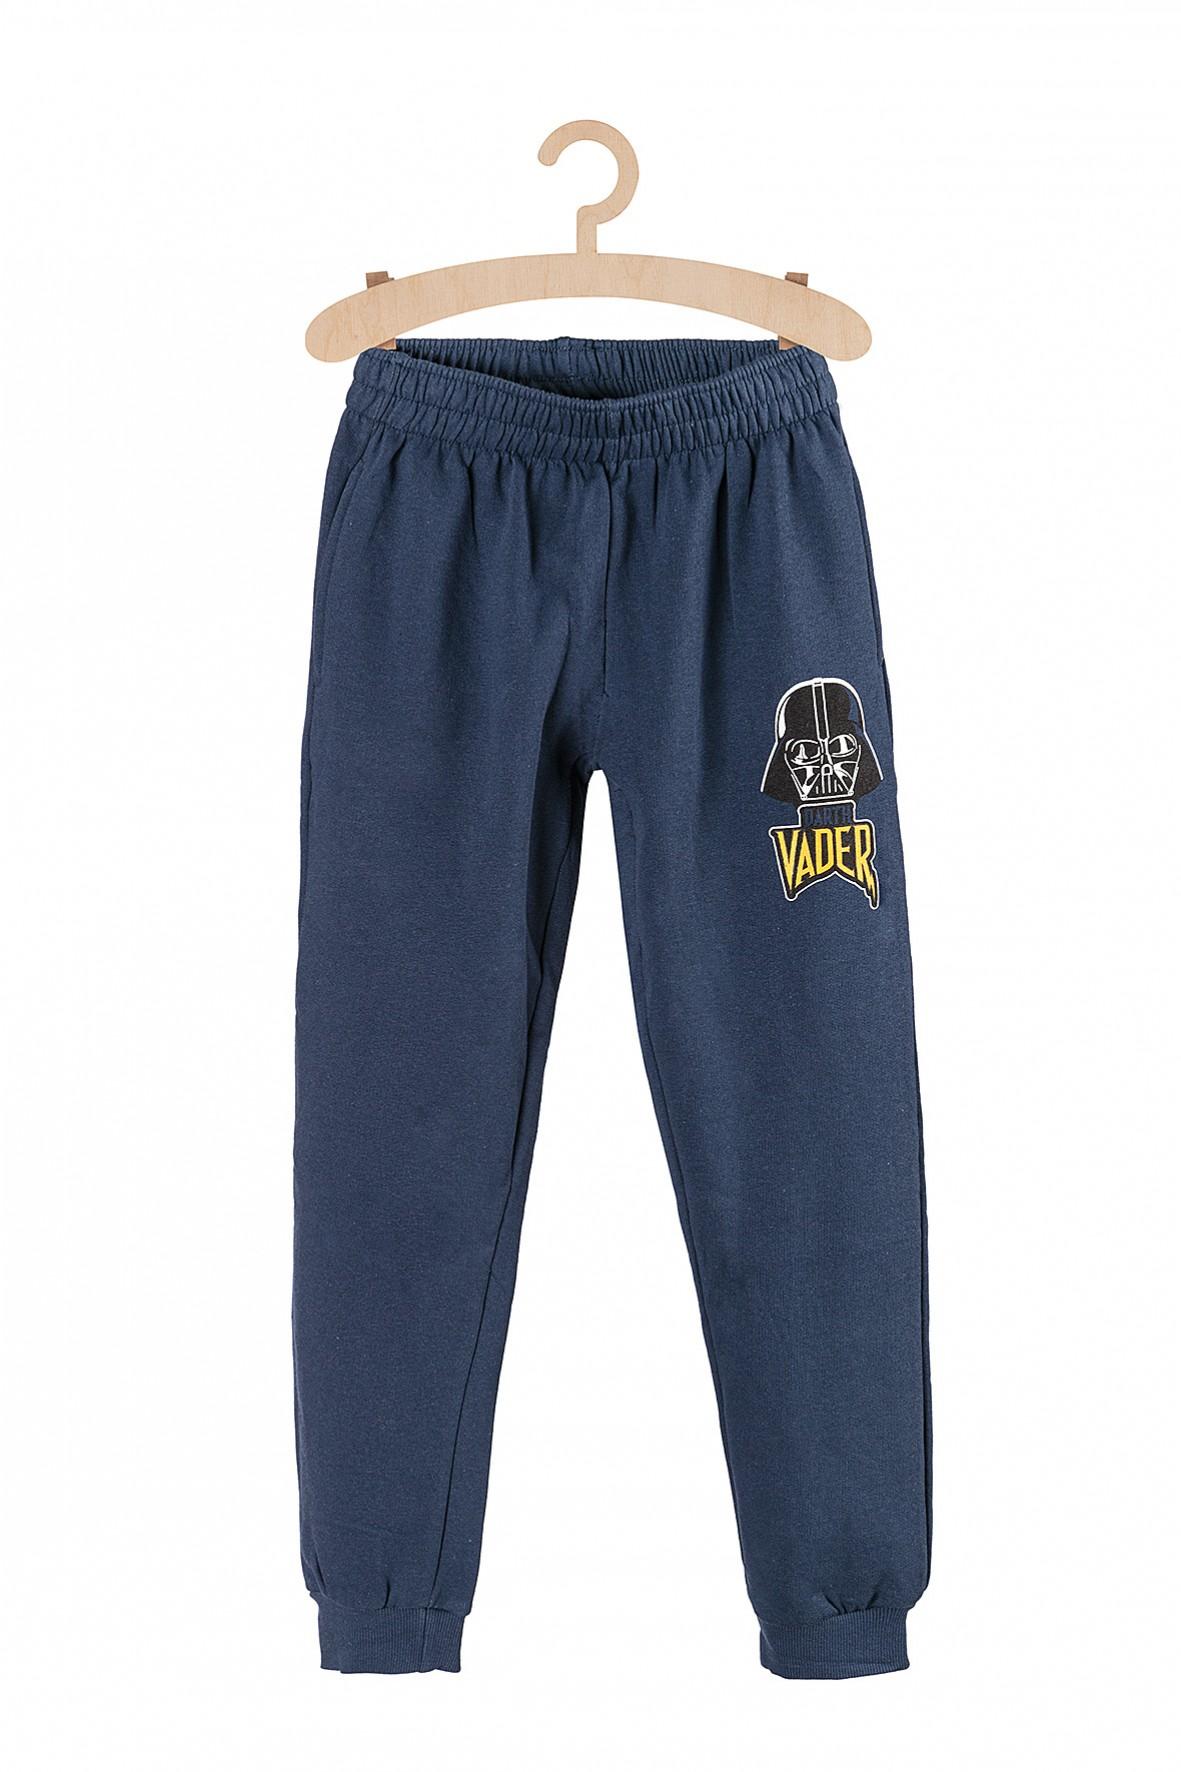 Spodnie chłopięce dresowe Star Wars- granatowe